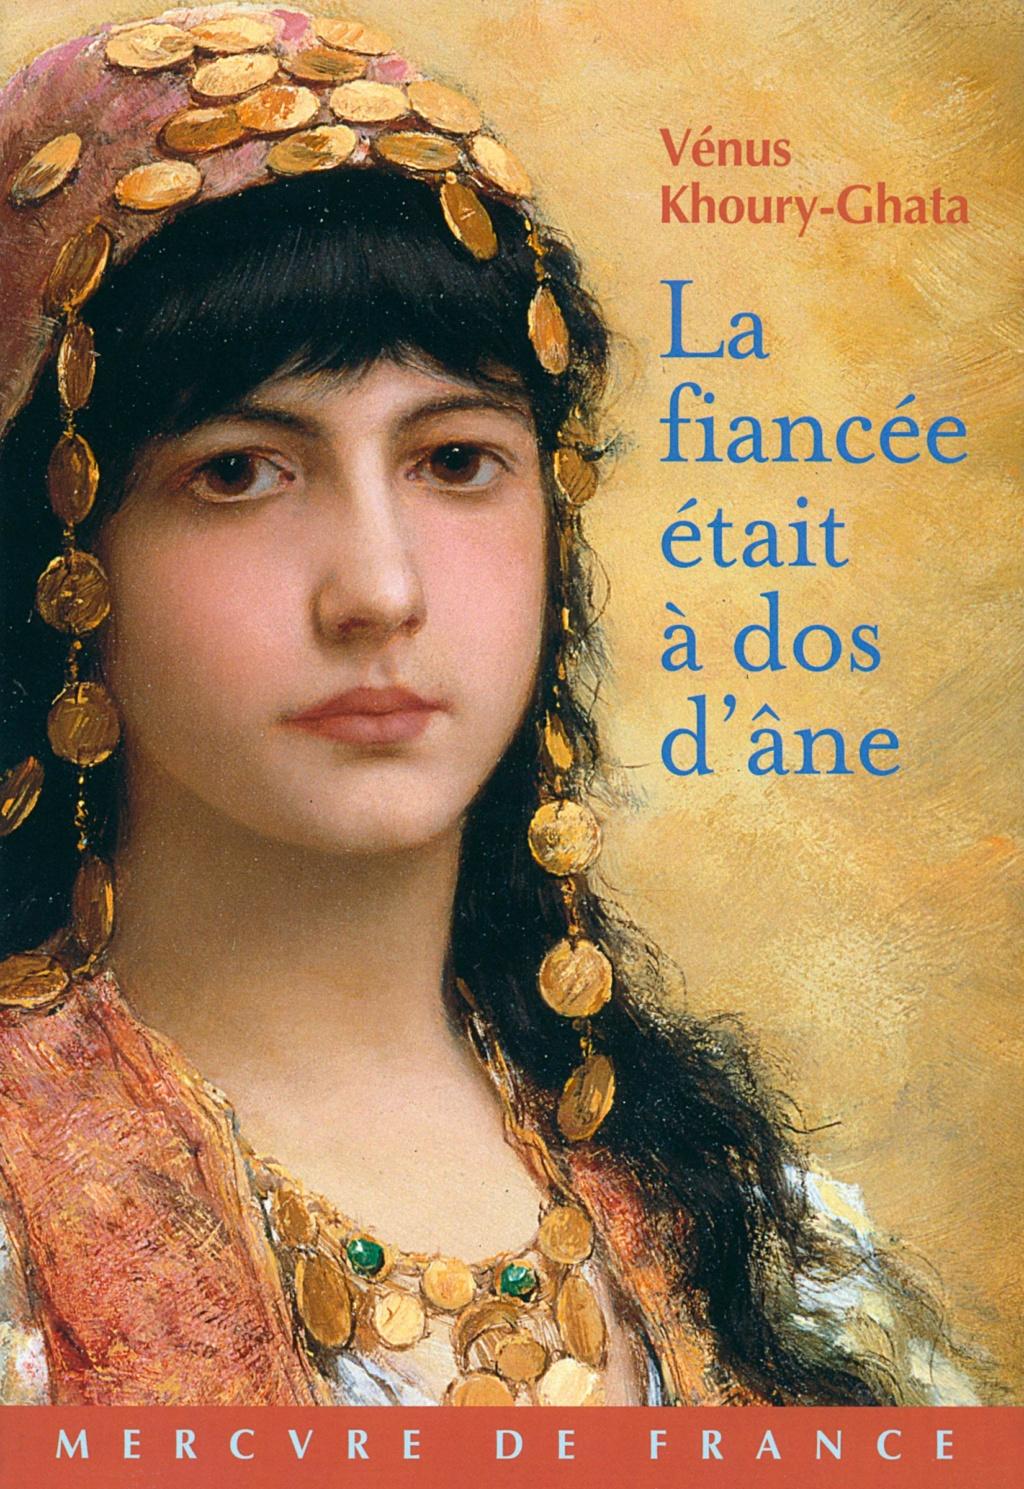 Tag historique sur Des Choses à lire La_fia10